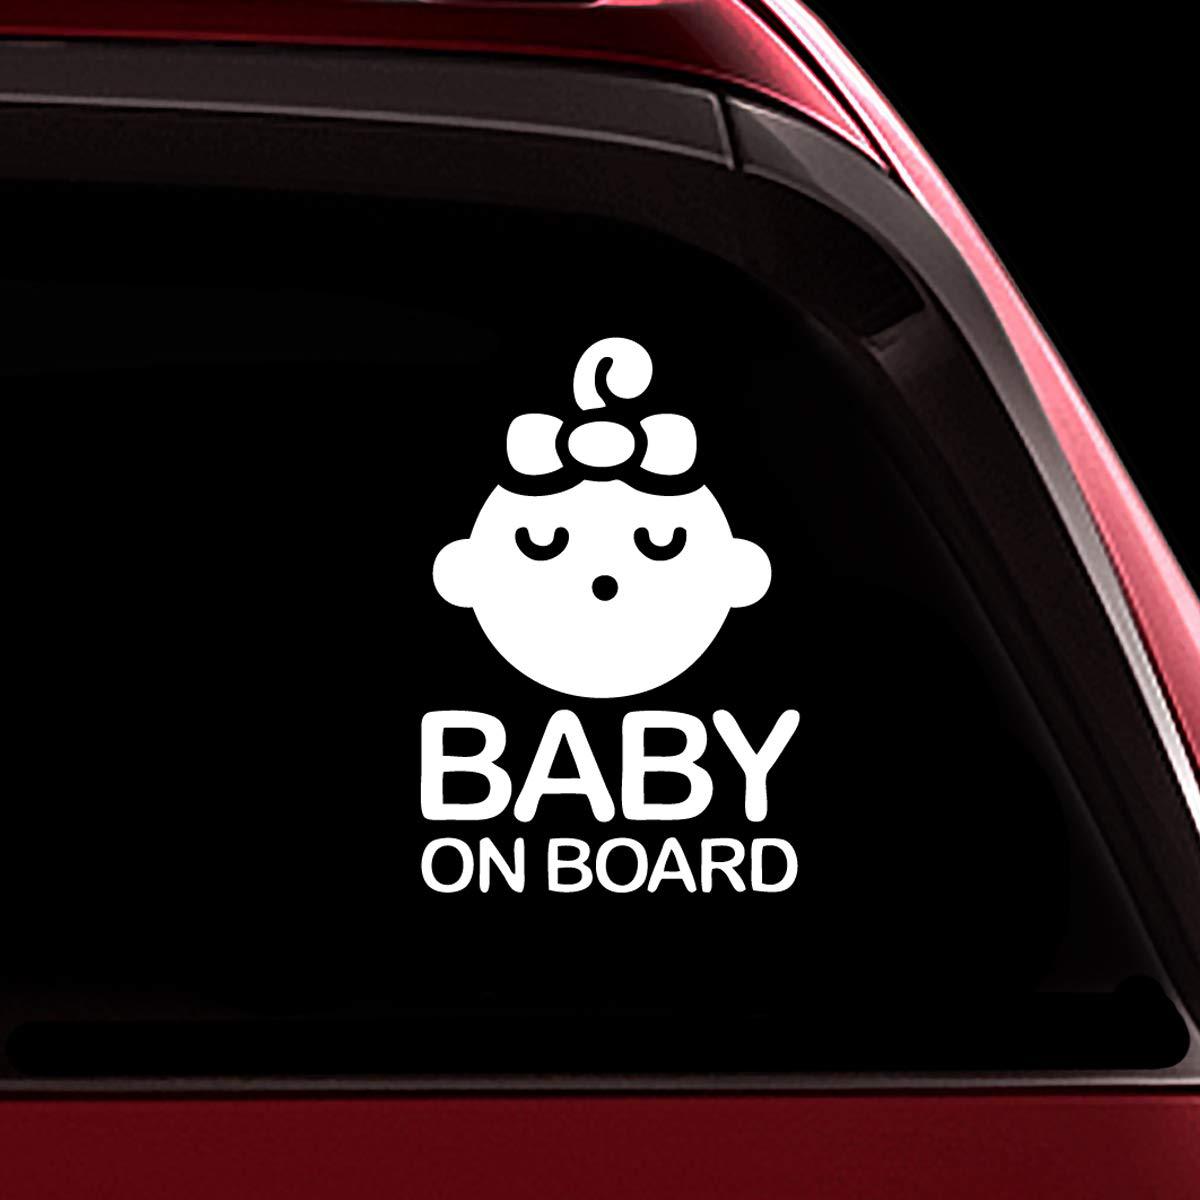 TOTOMO # ALI-001 Baby an Bord Aufkleber Aufkleber Sicherheit Vorsicht Zeichen für Autofenster - Carlos aus dem Hangover lustige Aufkleber Autoaufkleber